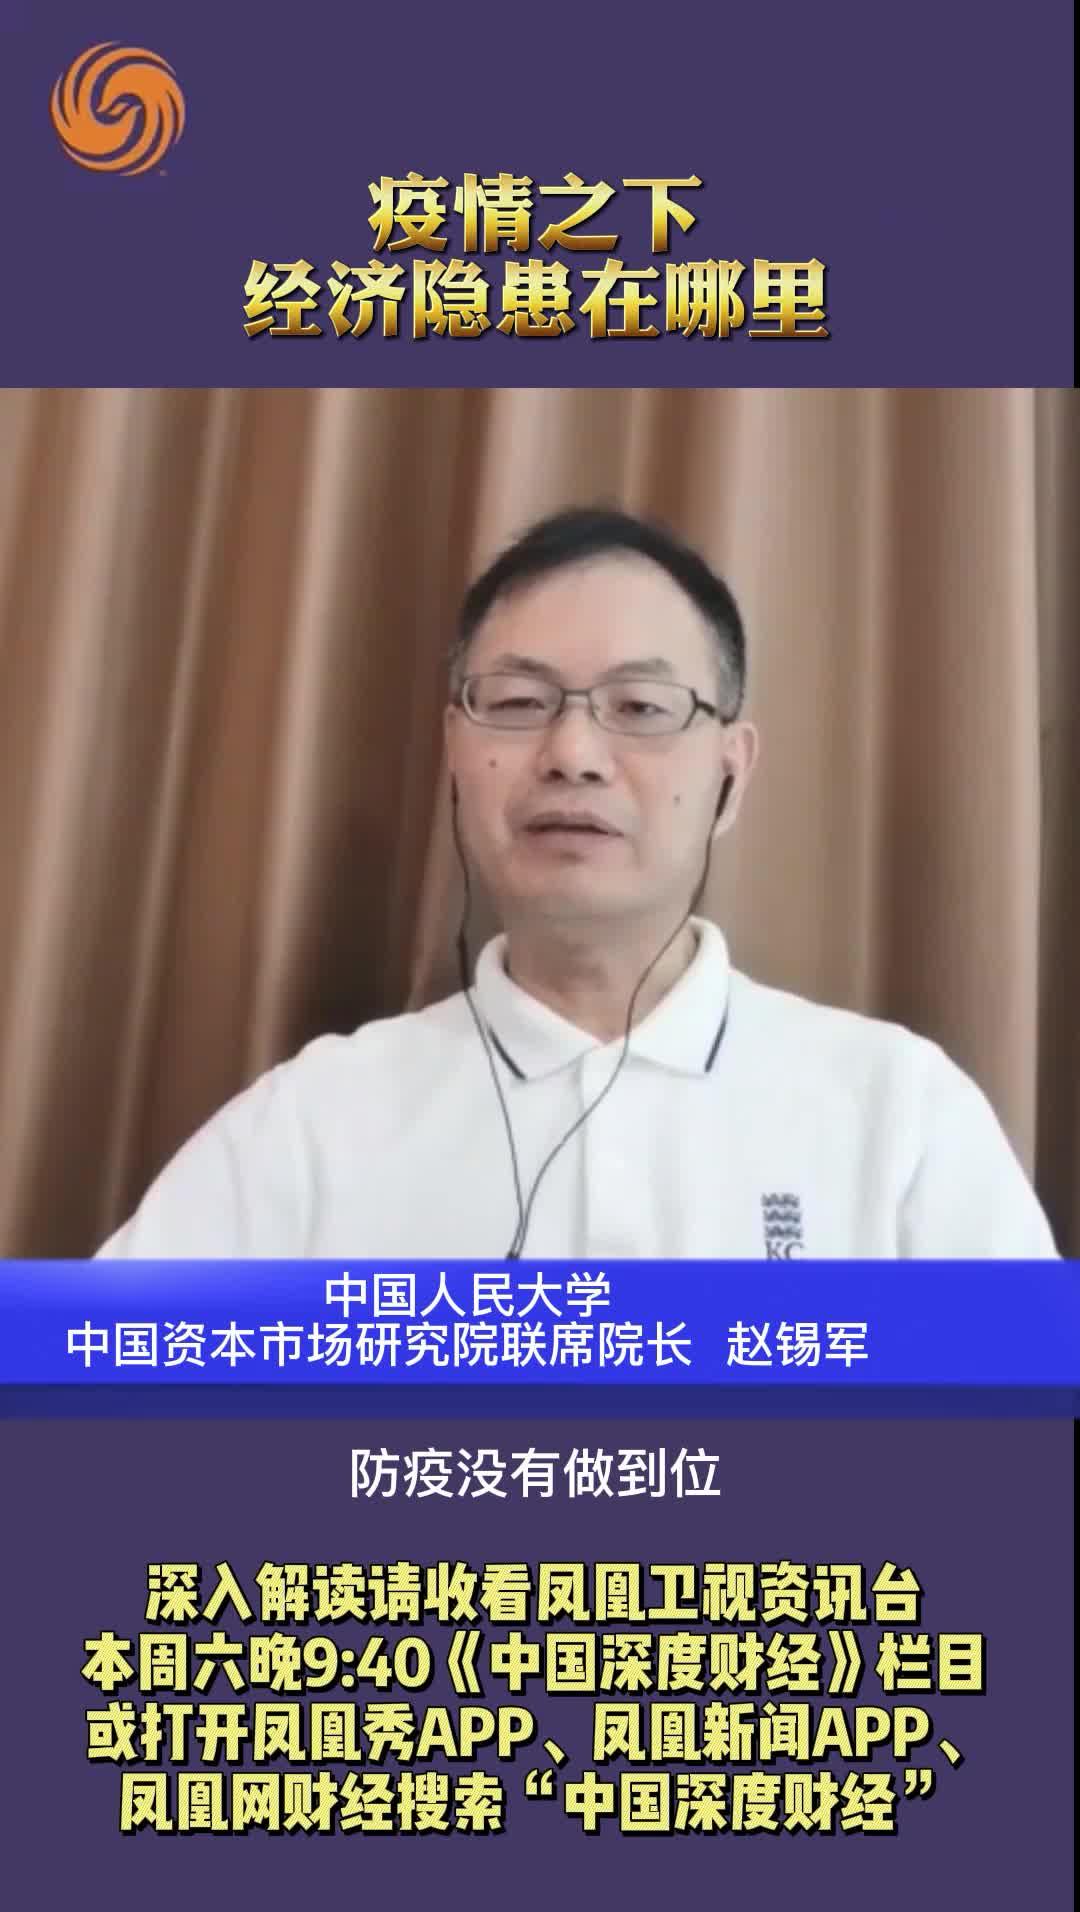 中国资本市场研究院联席院长赵锡军:疫情之下 经济隐患在哪里